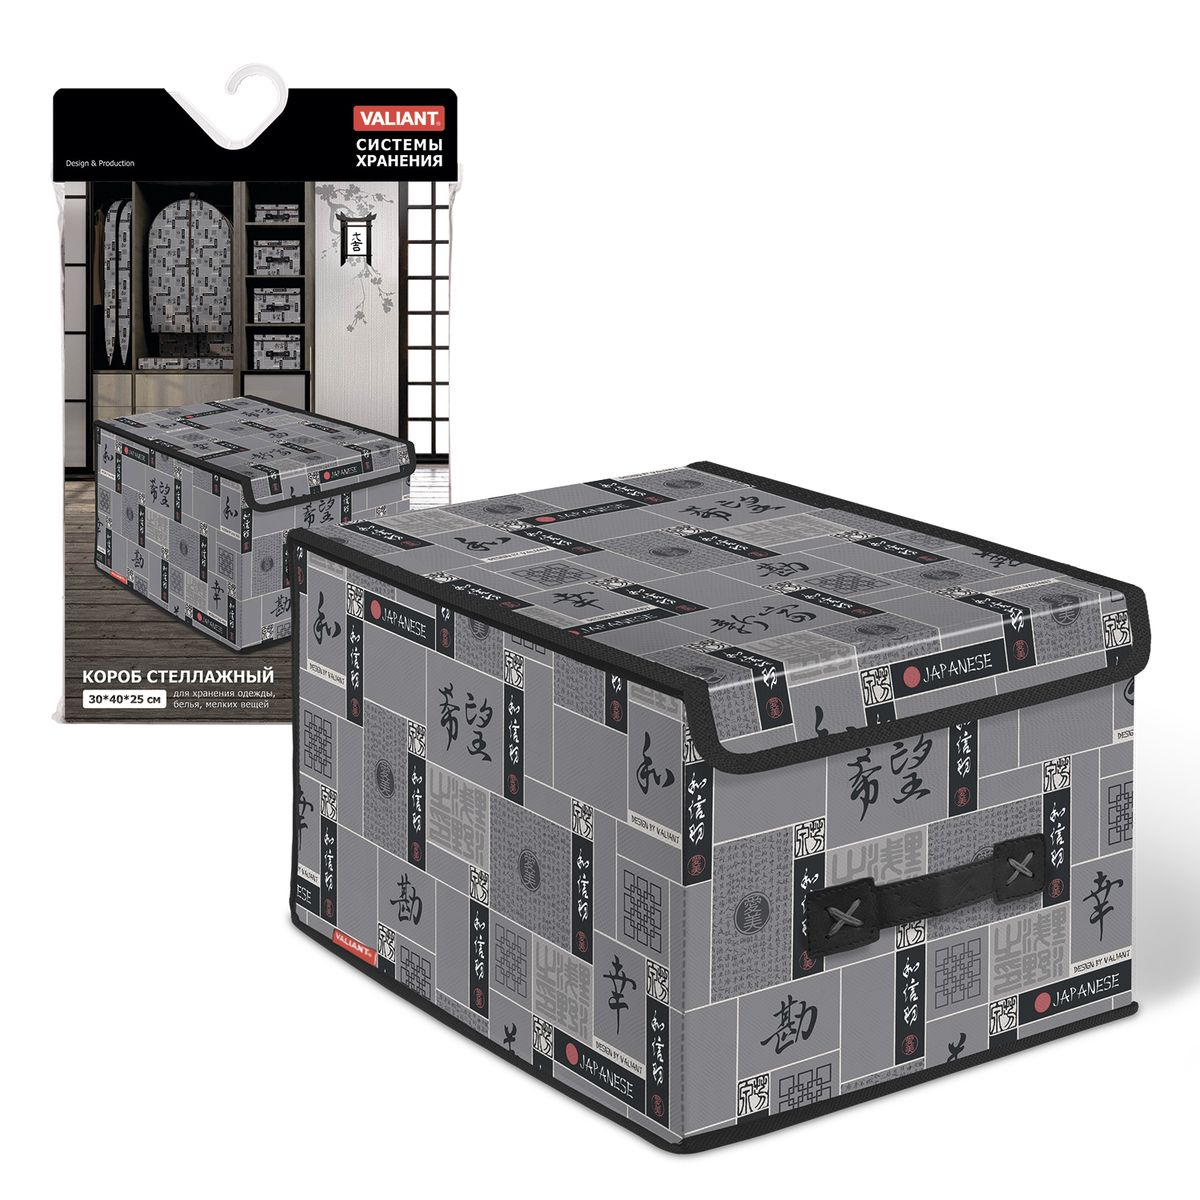 Короб стеллажный Valiant Japanese Black, с крышкой, 30 х 40 х 25 смБрелок для сумкиСтеллажный короб Valiant Japanese Black изготовлен из высококачественного нетканого материала, который обеспечивает естественную вентиляцию, позволяя воздуху проникать внутрь, но не пропускает пыль. Вставки из плотного картона хорошо держат форму. Короб снабжен специальной крышкой, которая фиксируется с помощью двух магнитов. Изделие отличается мобильностью: легко раскладывается и складывается. В таком коробе удобно хранить одежду, белье и мелкие аксессуары.Красивый авторский дизайн прекрасно впишется в интерьер женского гардероба и создаст трогательную атмосферу романтического настроения. Оригинальный дизайн придется по вкусу ценительницам эстетичного хранения. Системы хранения в едином дизайне сделают вашу гардеробную изысканной и невероятно стильной.